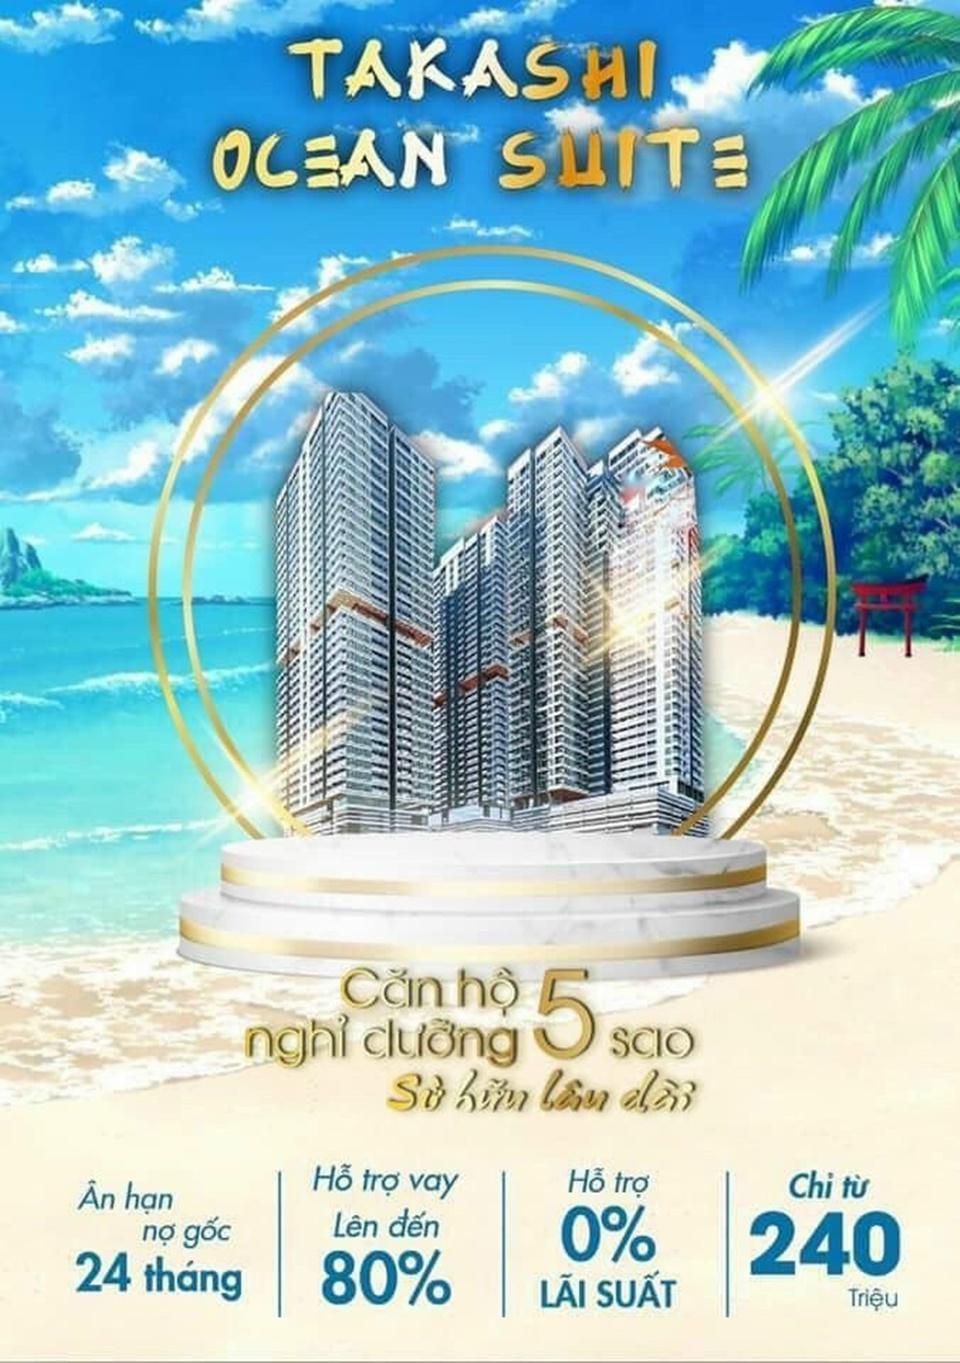 Chính sách bán hàng dự án Takashi Ocean Suite